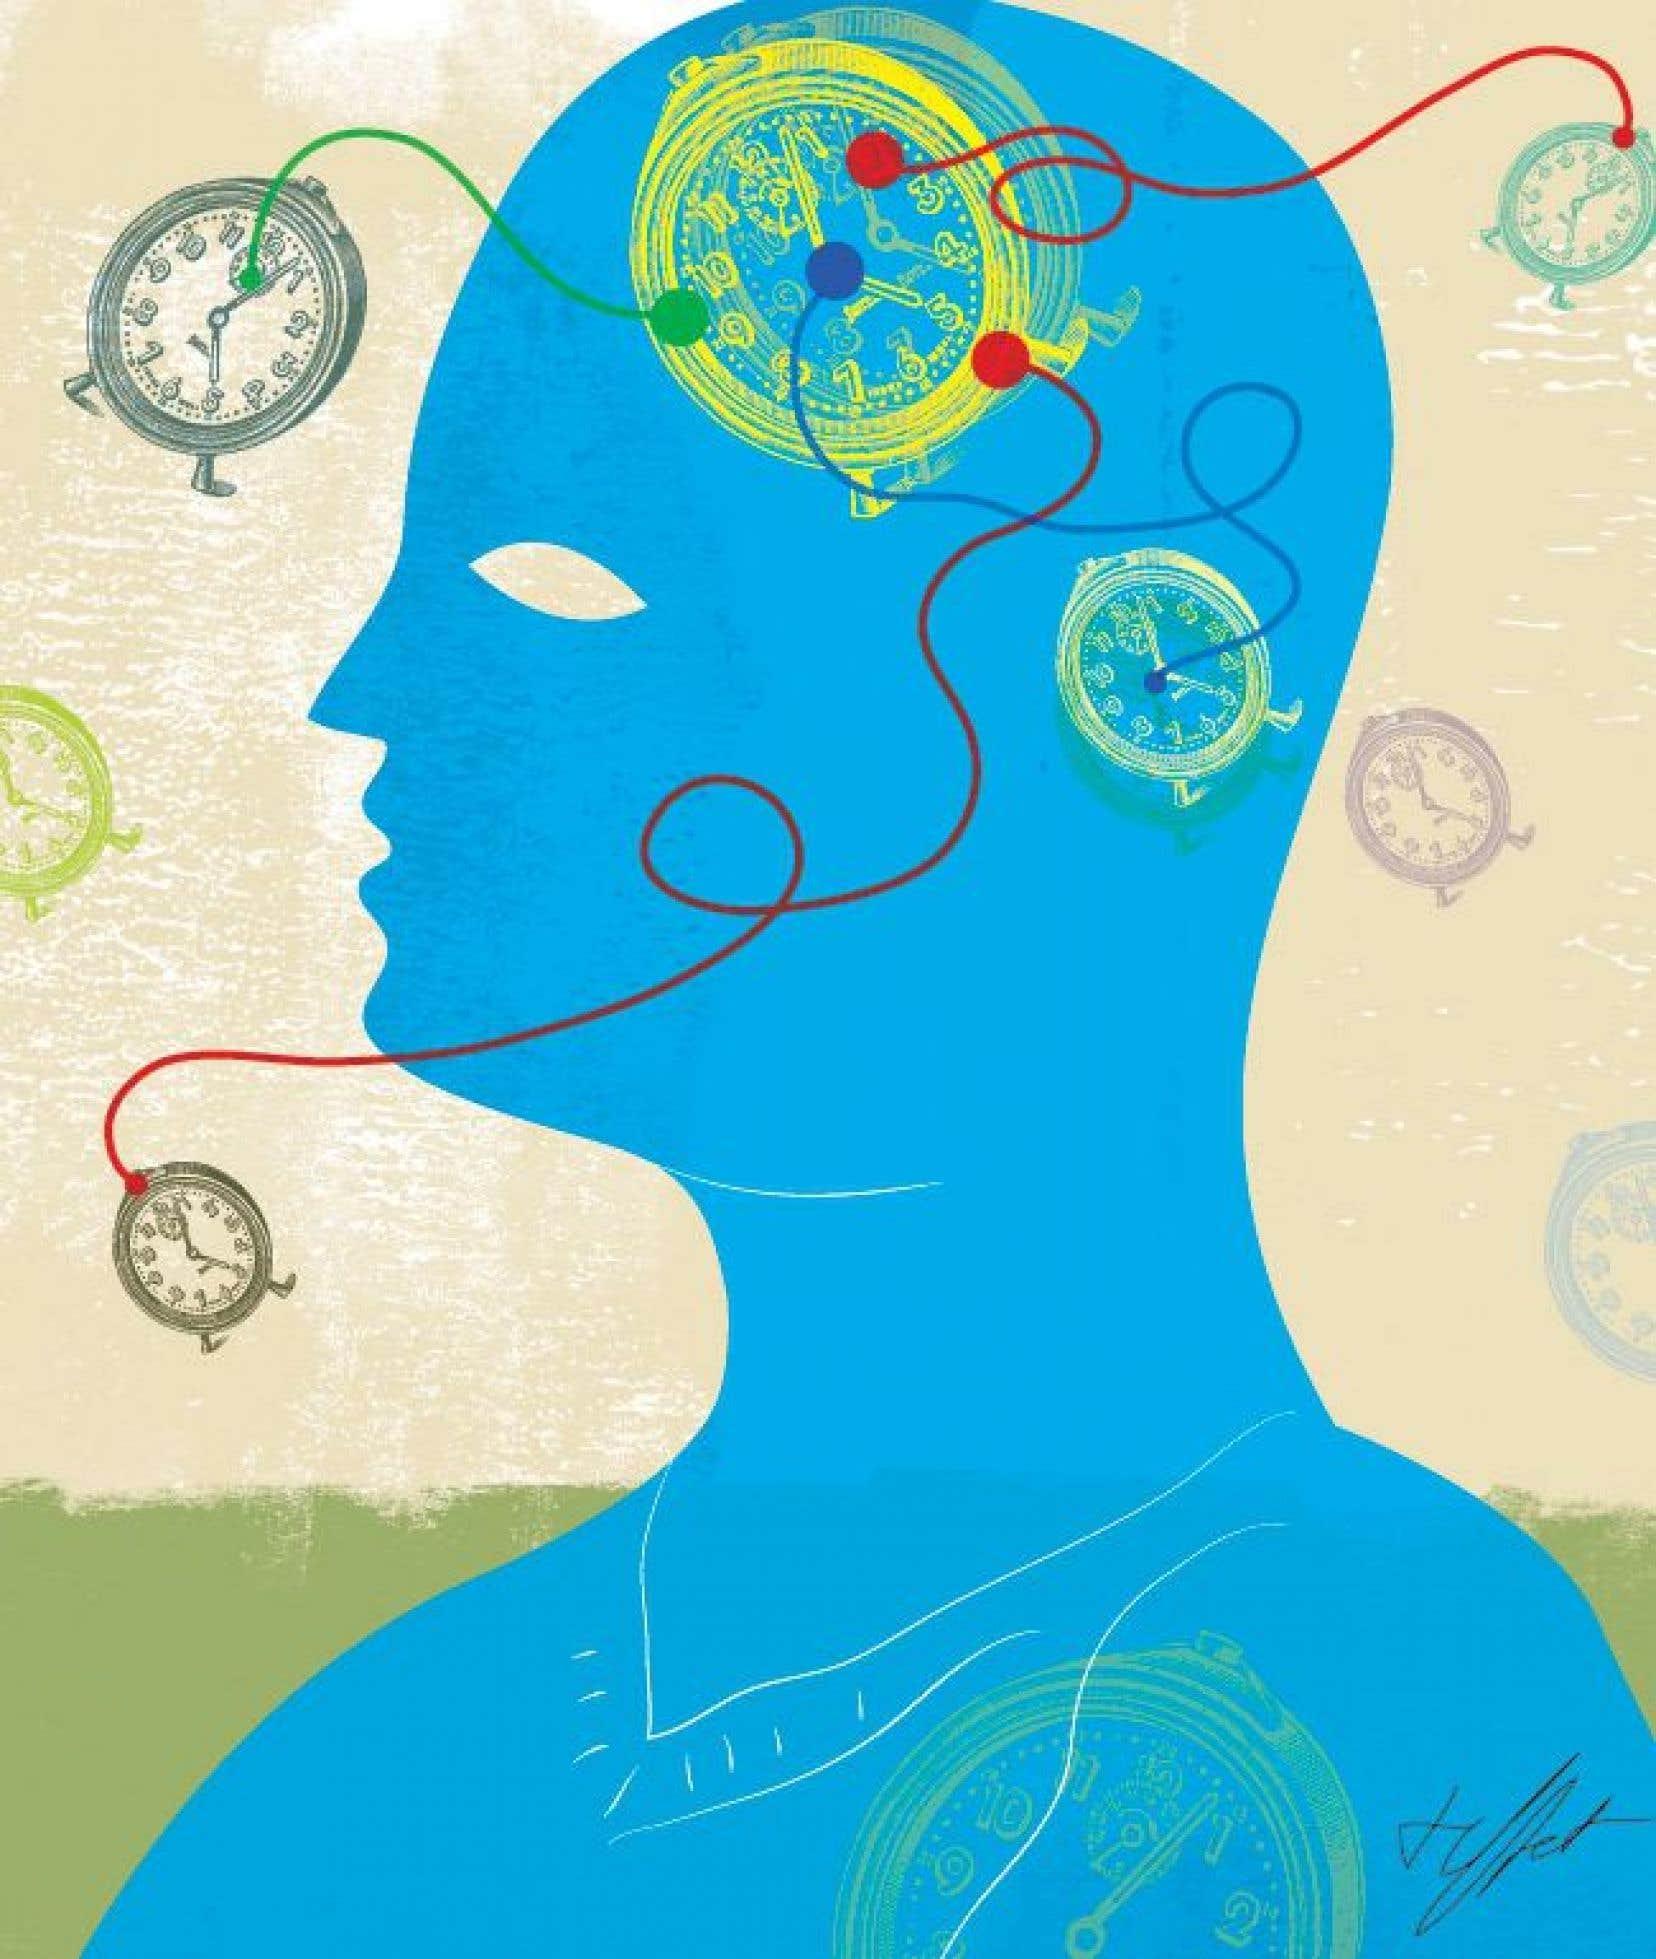 En plus de l'horloge circadienne, le cerveau compte un autre générateur de rythmes, appelés ultradiens, qui déterminent nos cycles d'activité quotidienne.